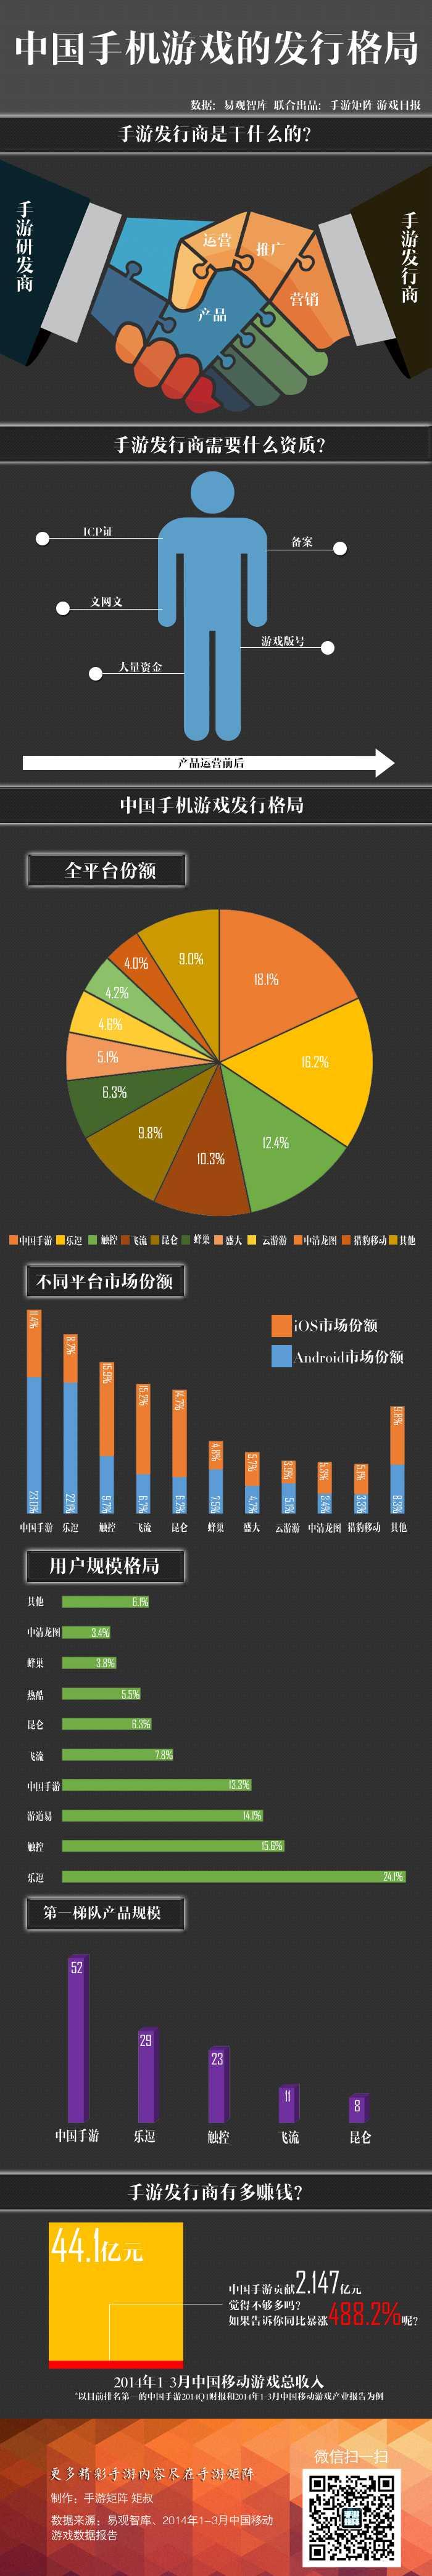 中国手游发行格局